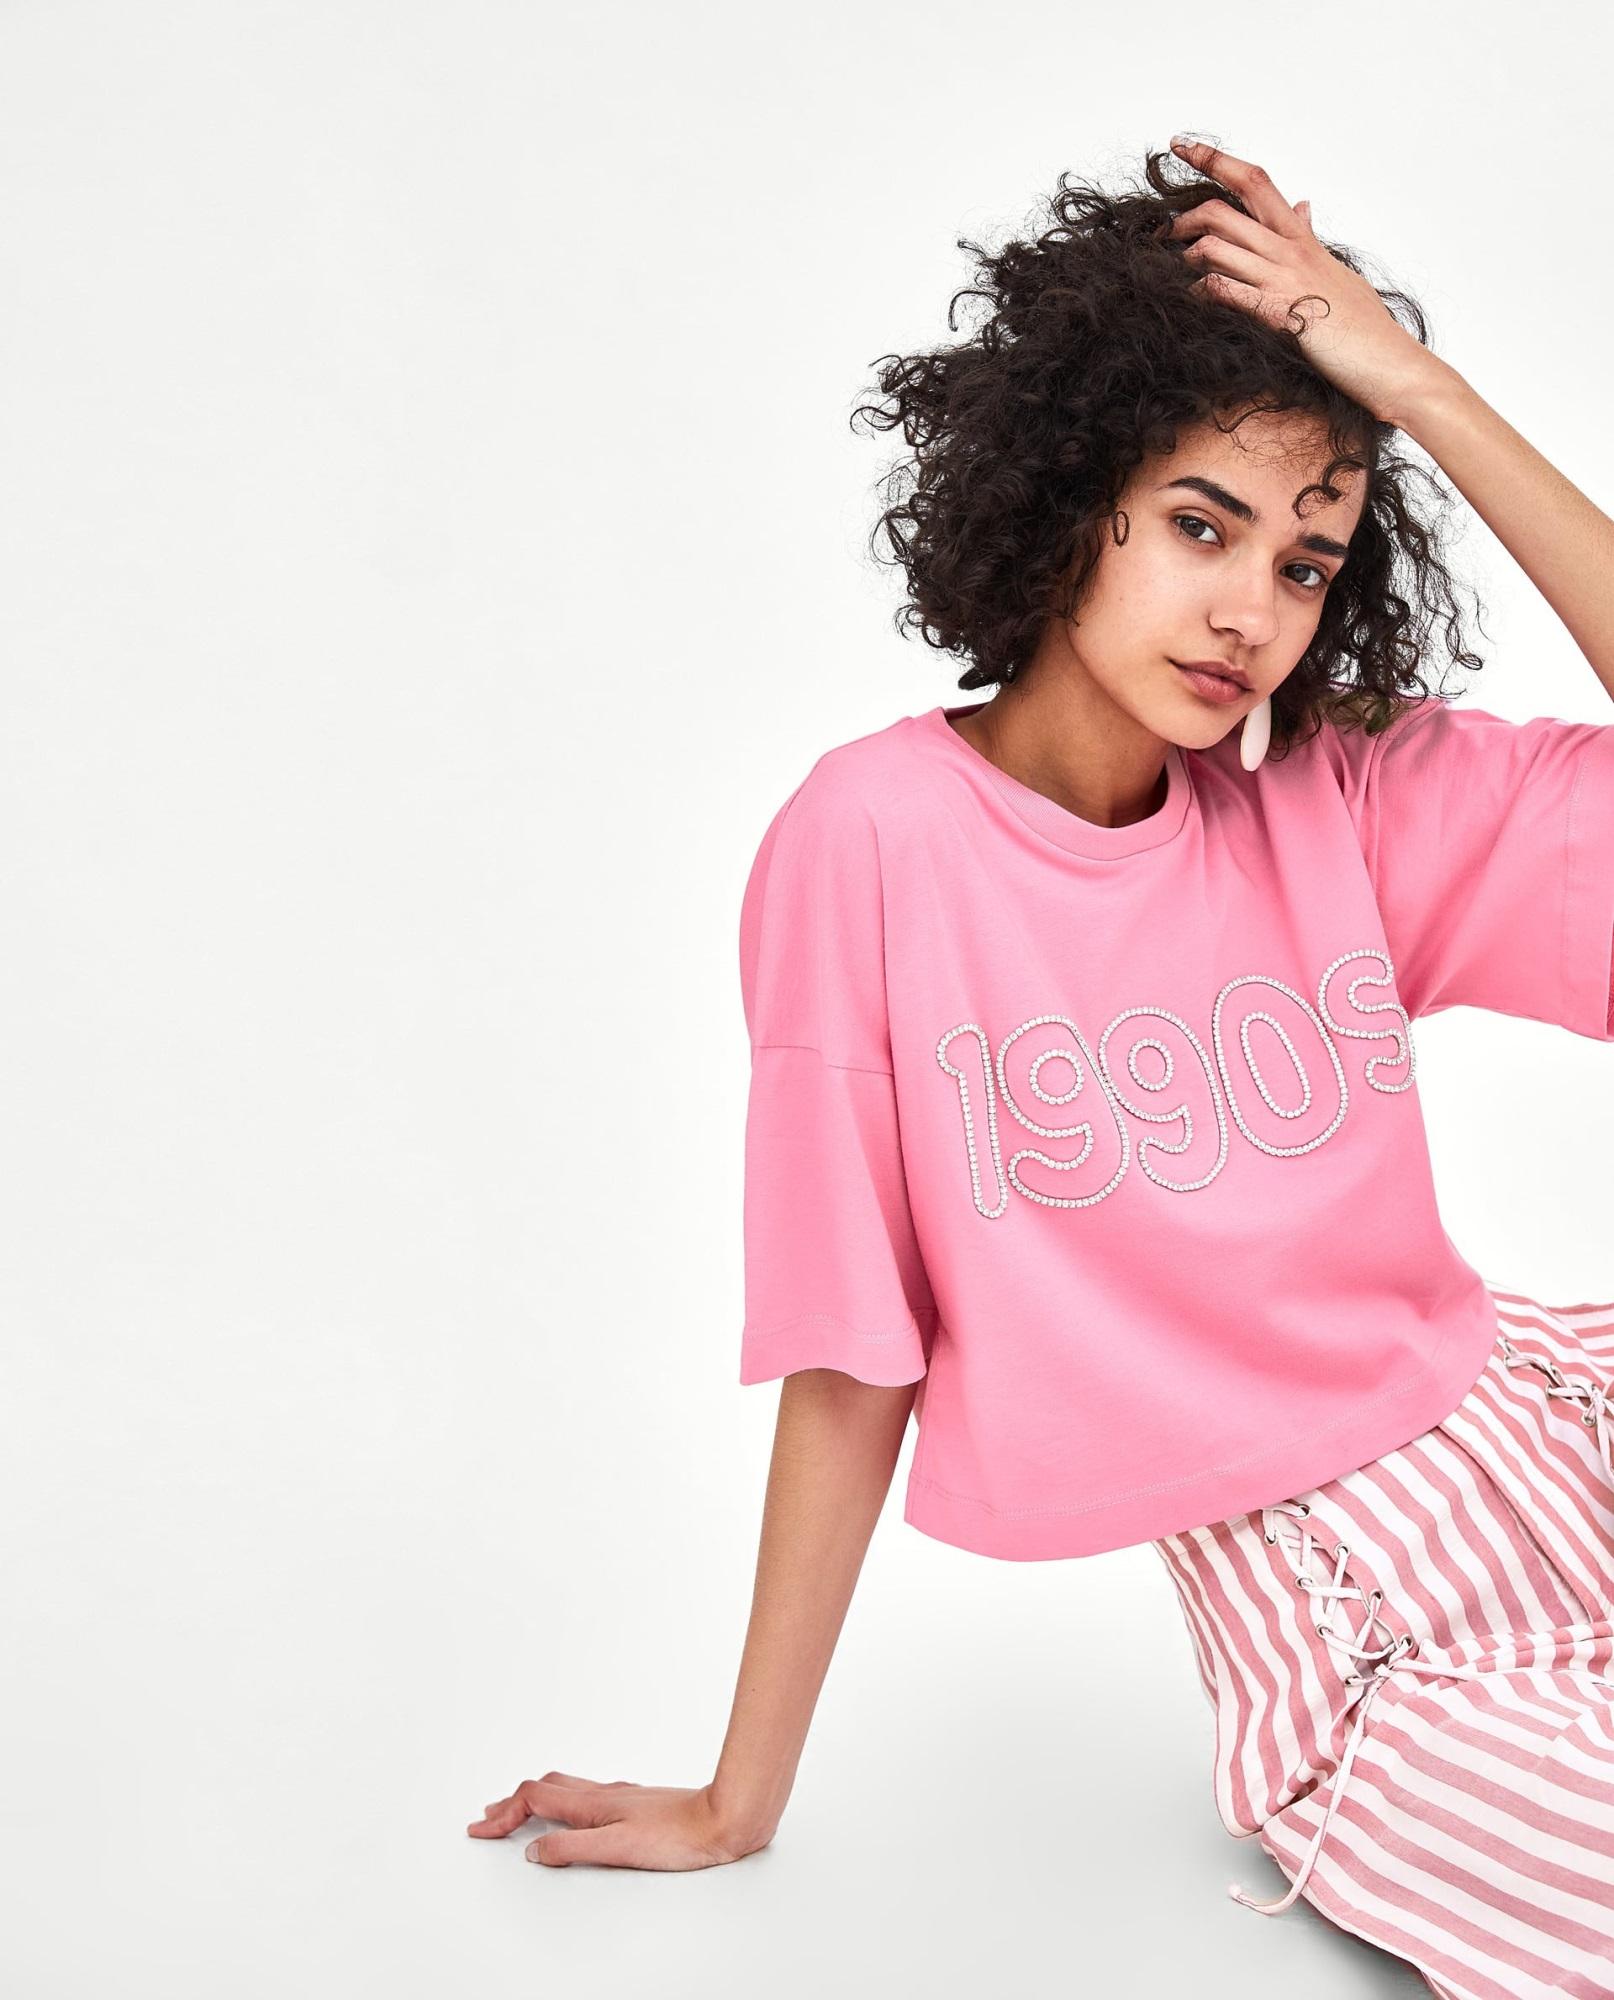 Thích áo phông, mặc nhiều là thế nhưng bạn có biết cách giữ cho chiếc áo của mình bền đẹp như mới - Ảnh 6